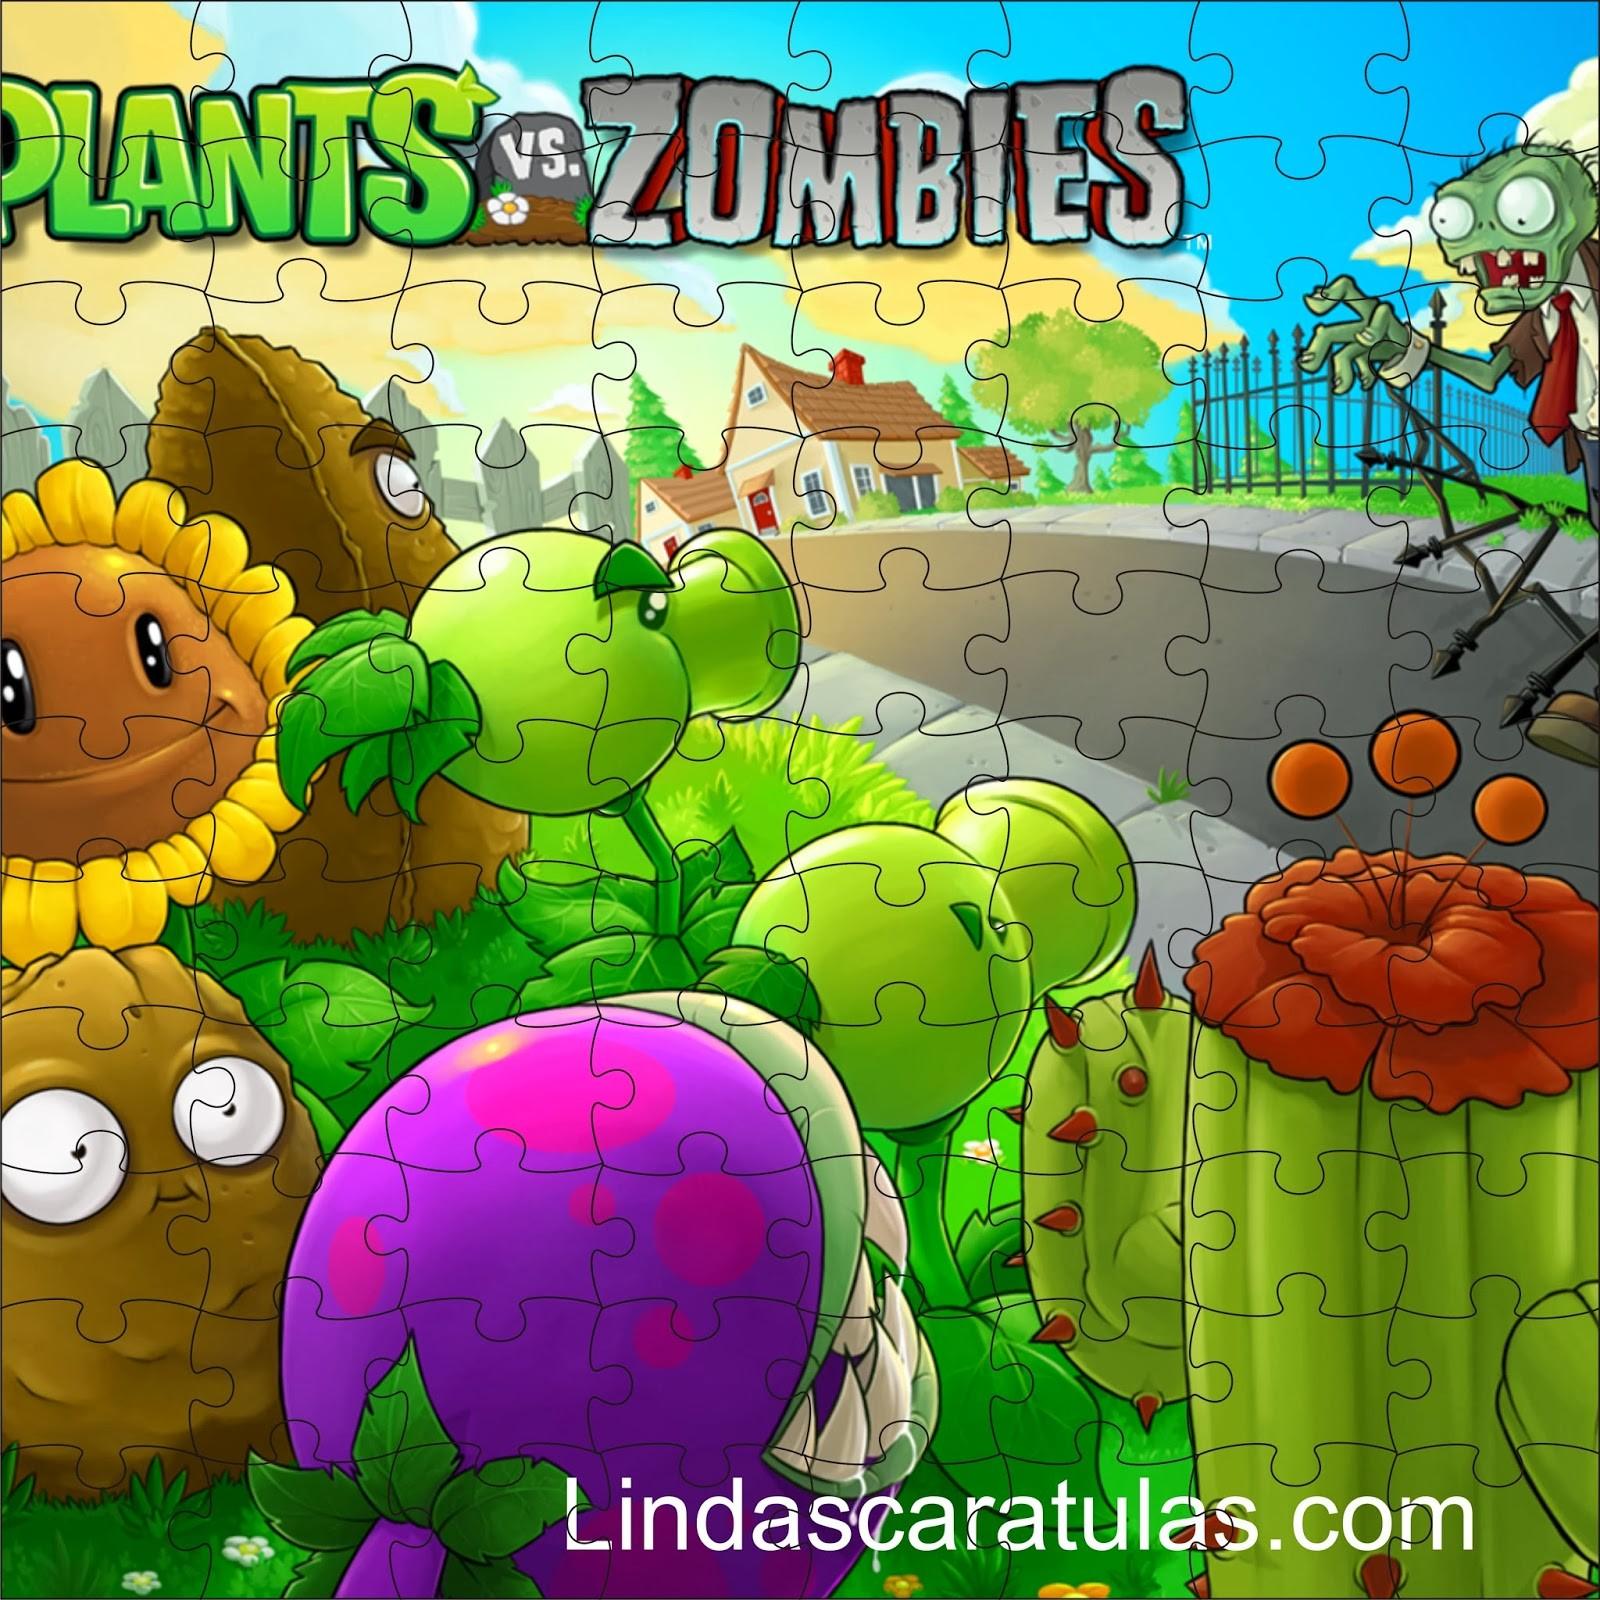 Si adoras Plantas Vs Zombies o Jhosue y yo te dejo además unas caratulas para tus cuadernos del colegio